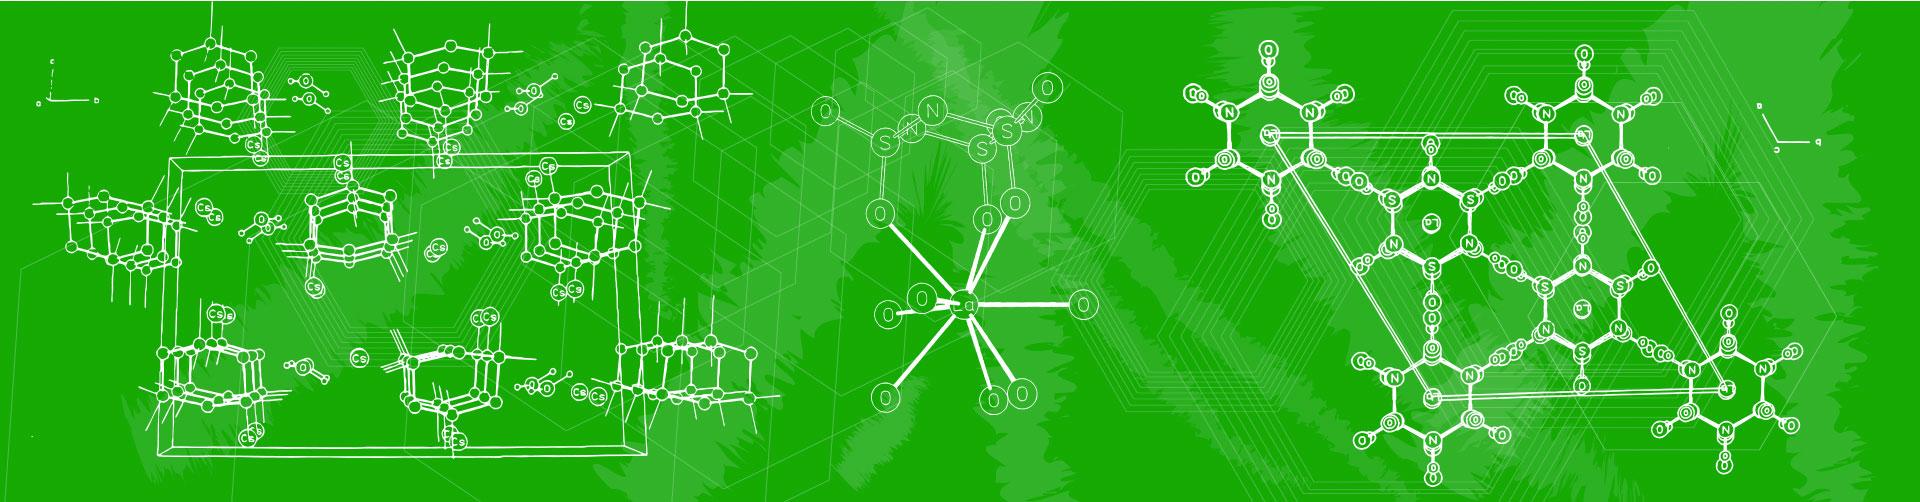 Fachübersetzungen in den Bereichen - Chemie & Biochemie - Bio-/Gentechnologie - Pharmazie & Medizin - Materialwissenschaften - Polymerchemie - Nanotechnologie & E-Technik - und vieles mehr